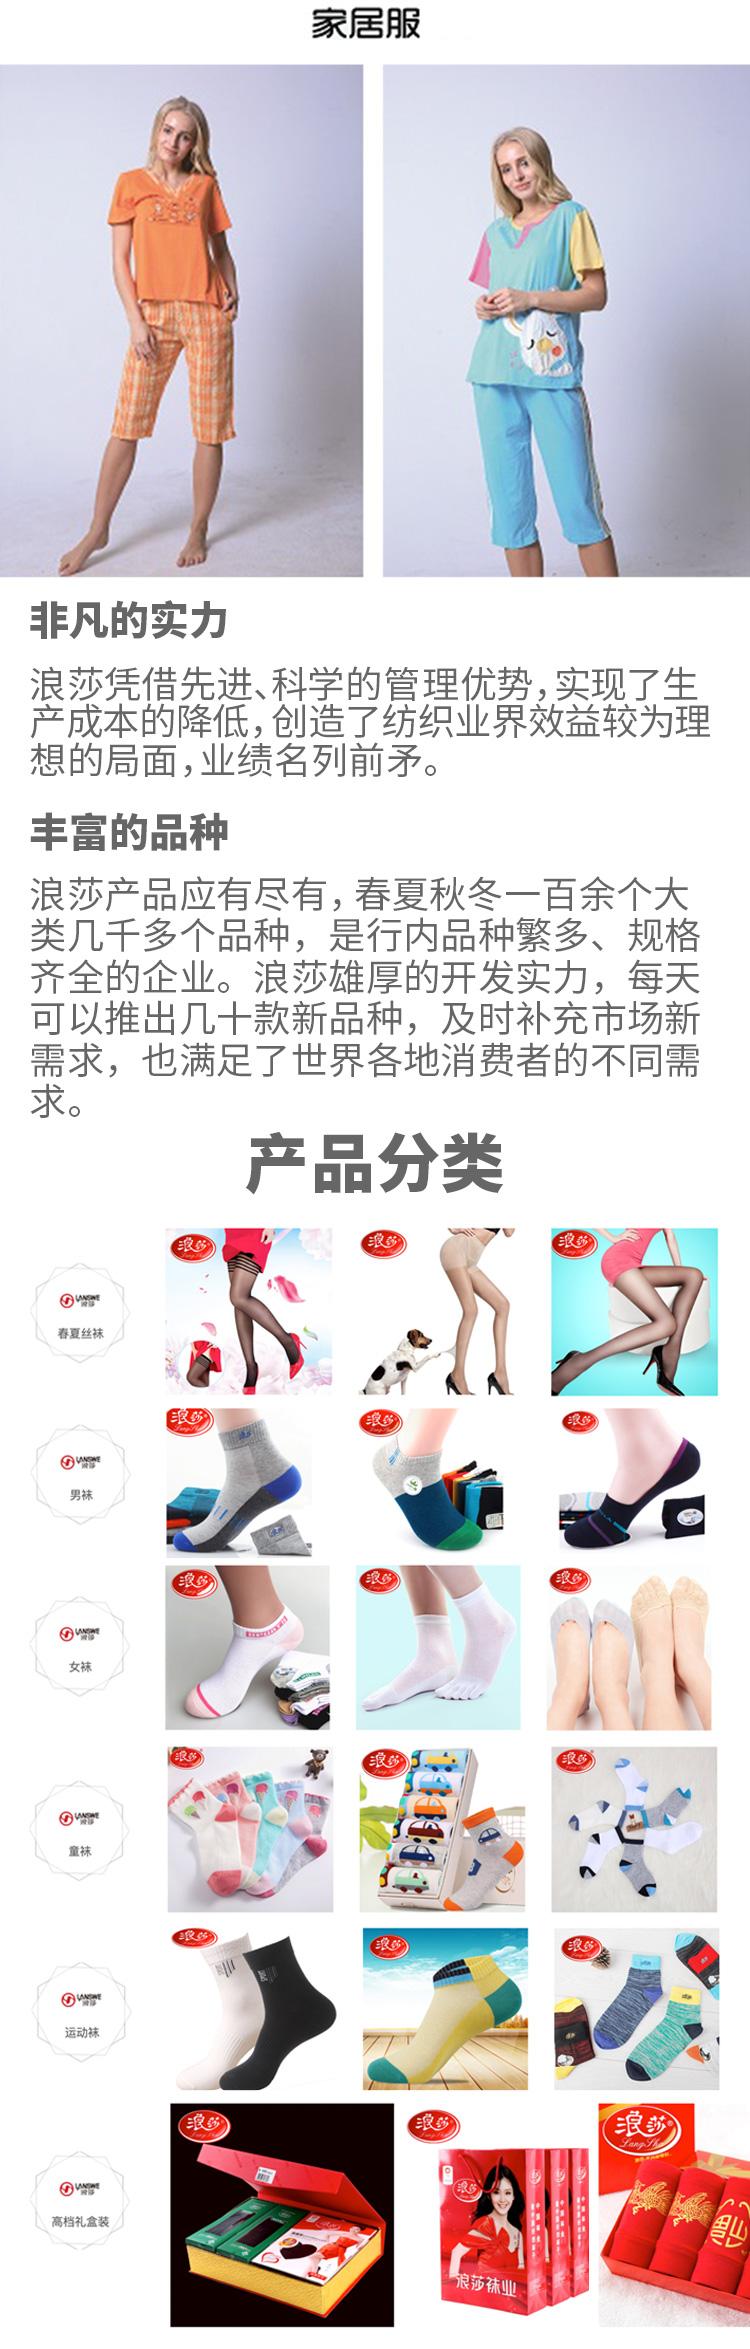 浪莎服饰加盟-行业全球知名品牌,专注袜业20年-找服装加盟就上小宝招商